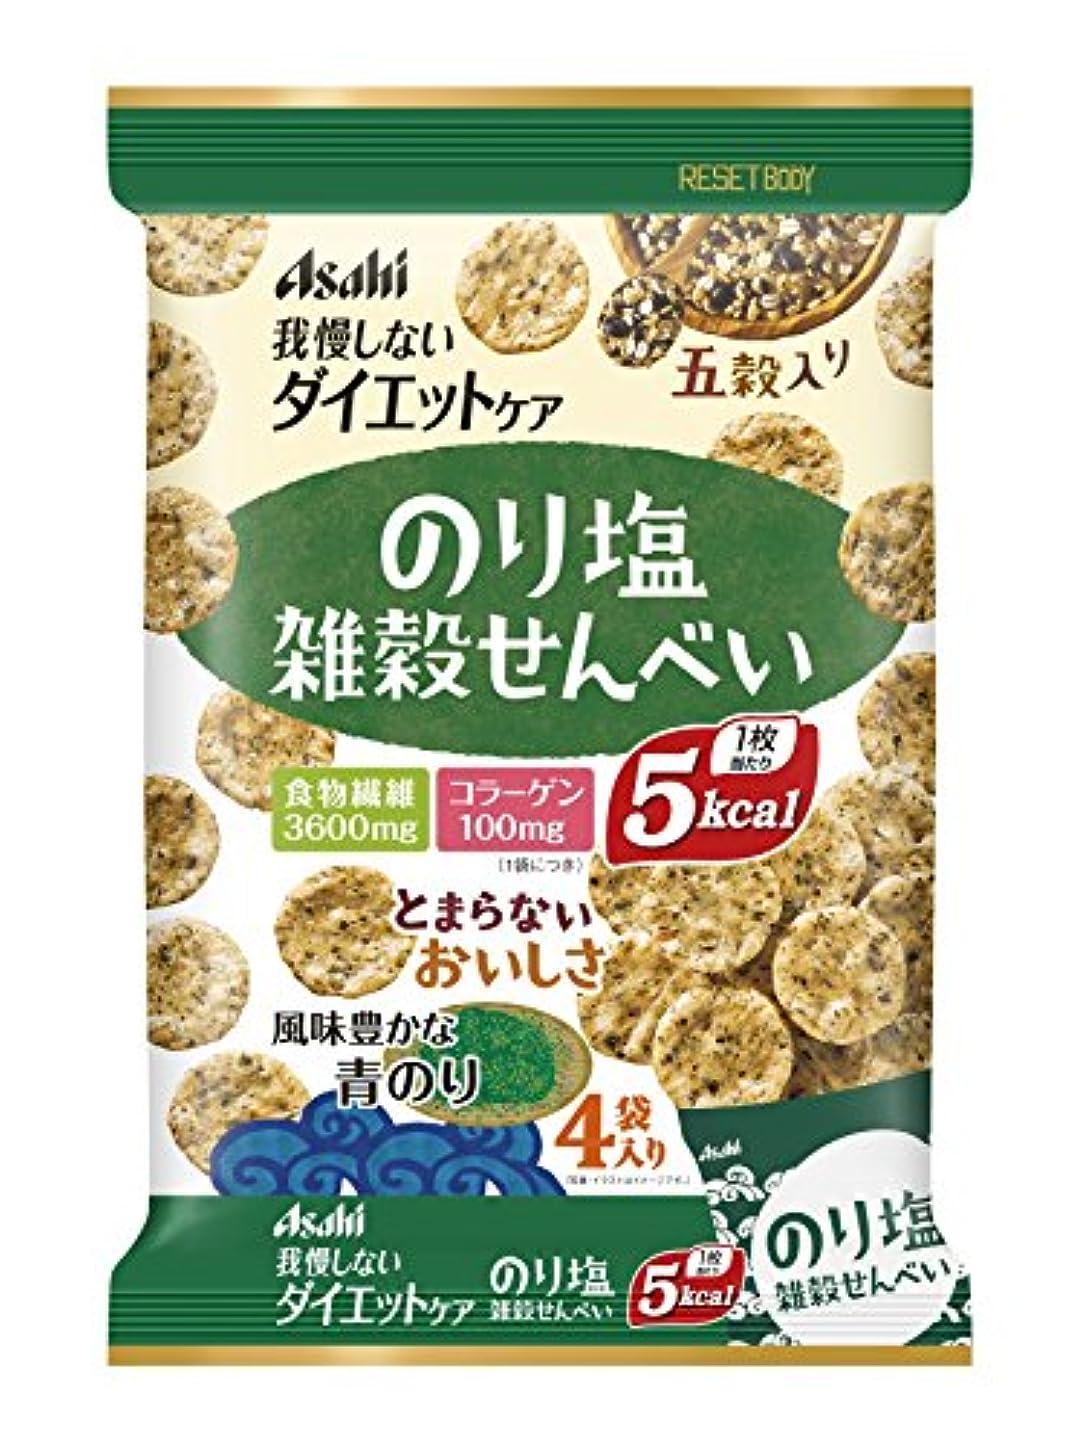 高揚した湾アセアサヒグループ食品 リセットボディ 雑穀せんべい のり塩味 88g(22g×4袋)